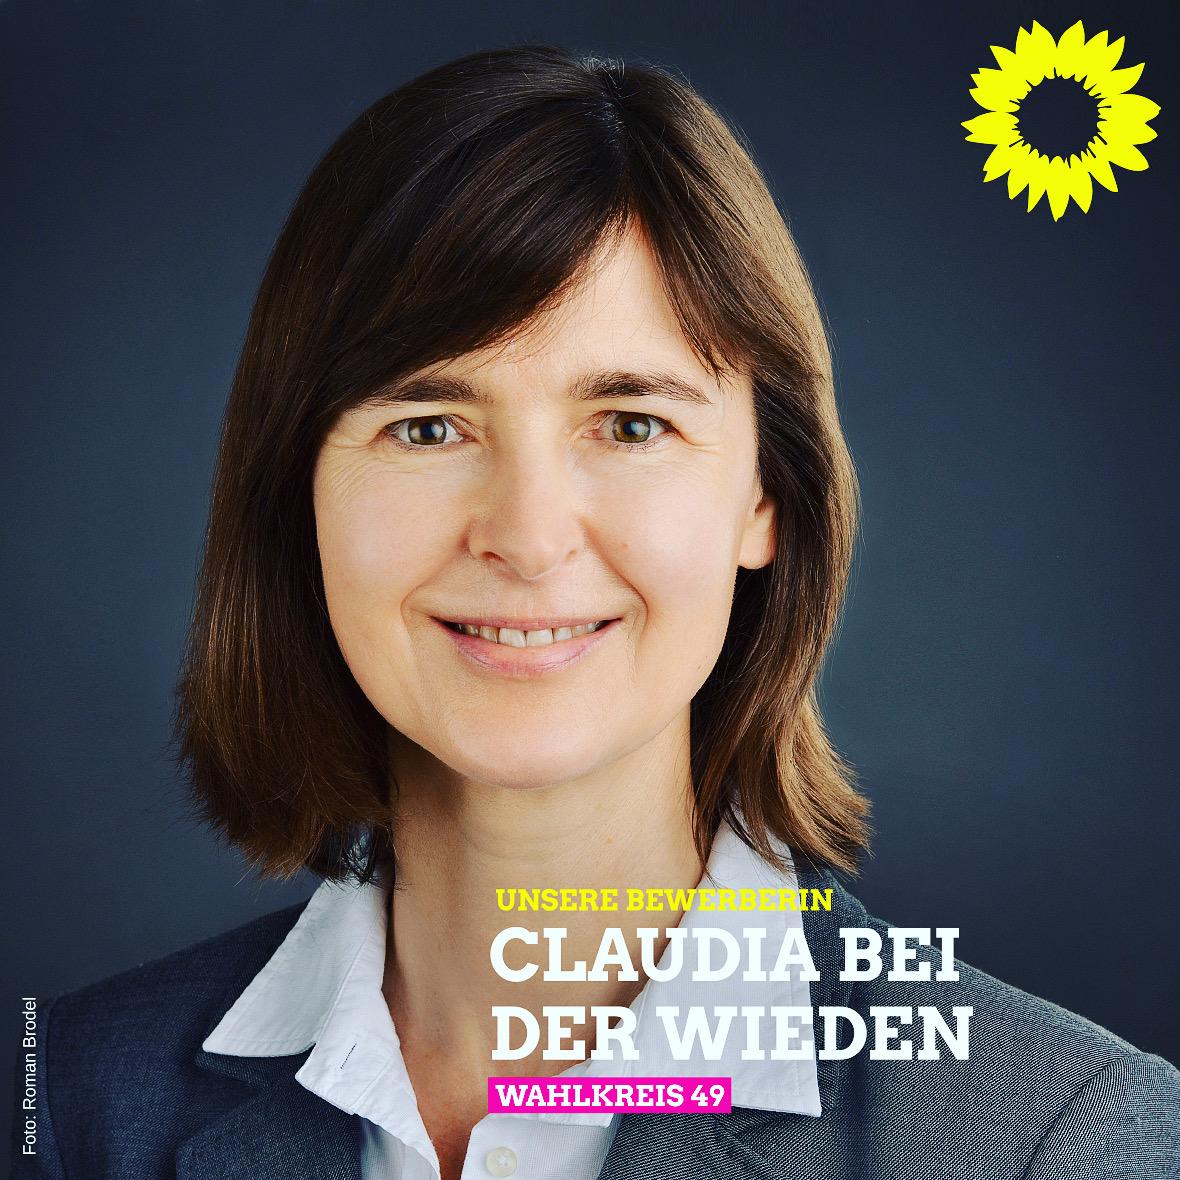 Unsere Kandidatin für den Bundestag: Claudia Bei der Wieden